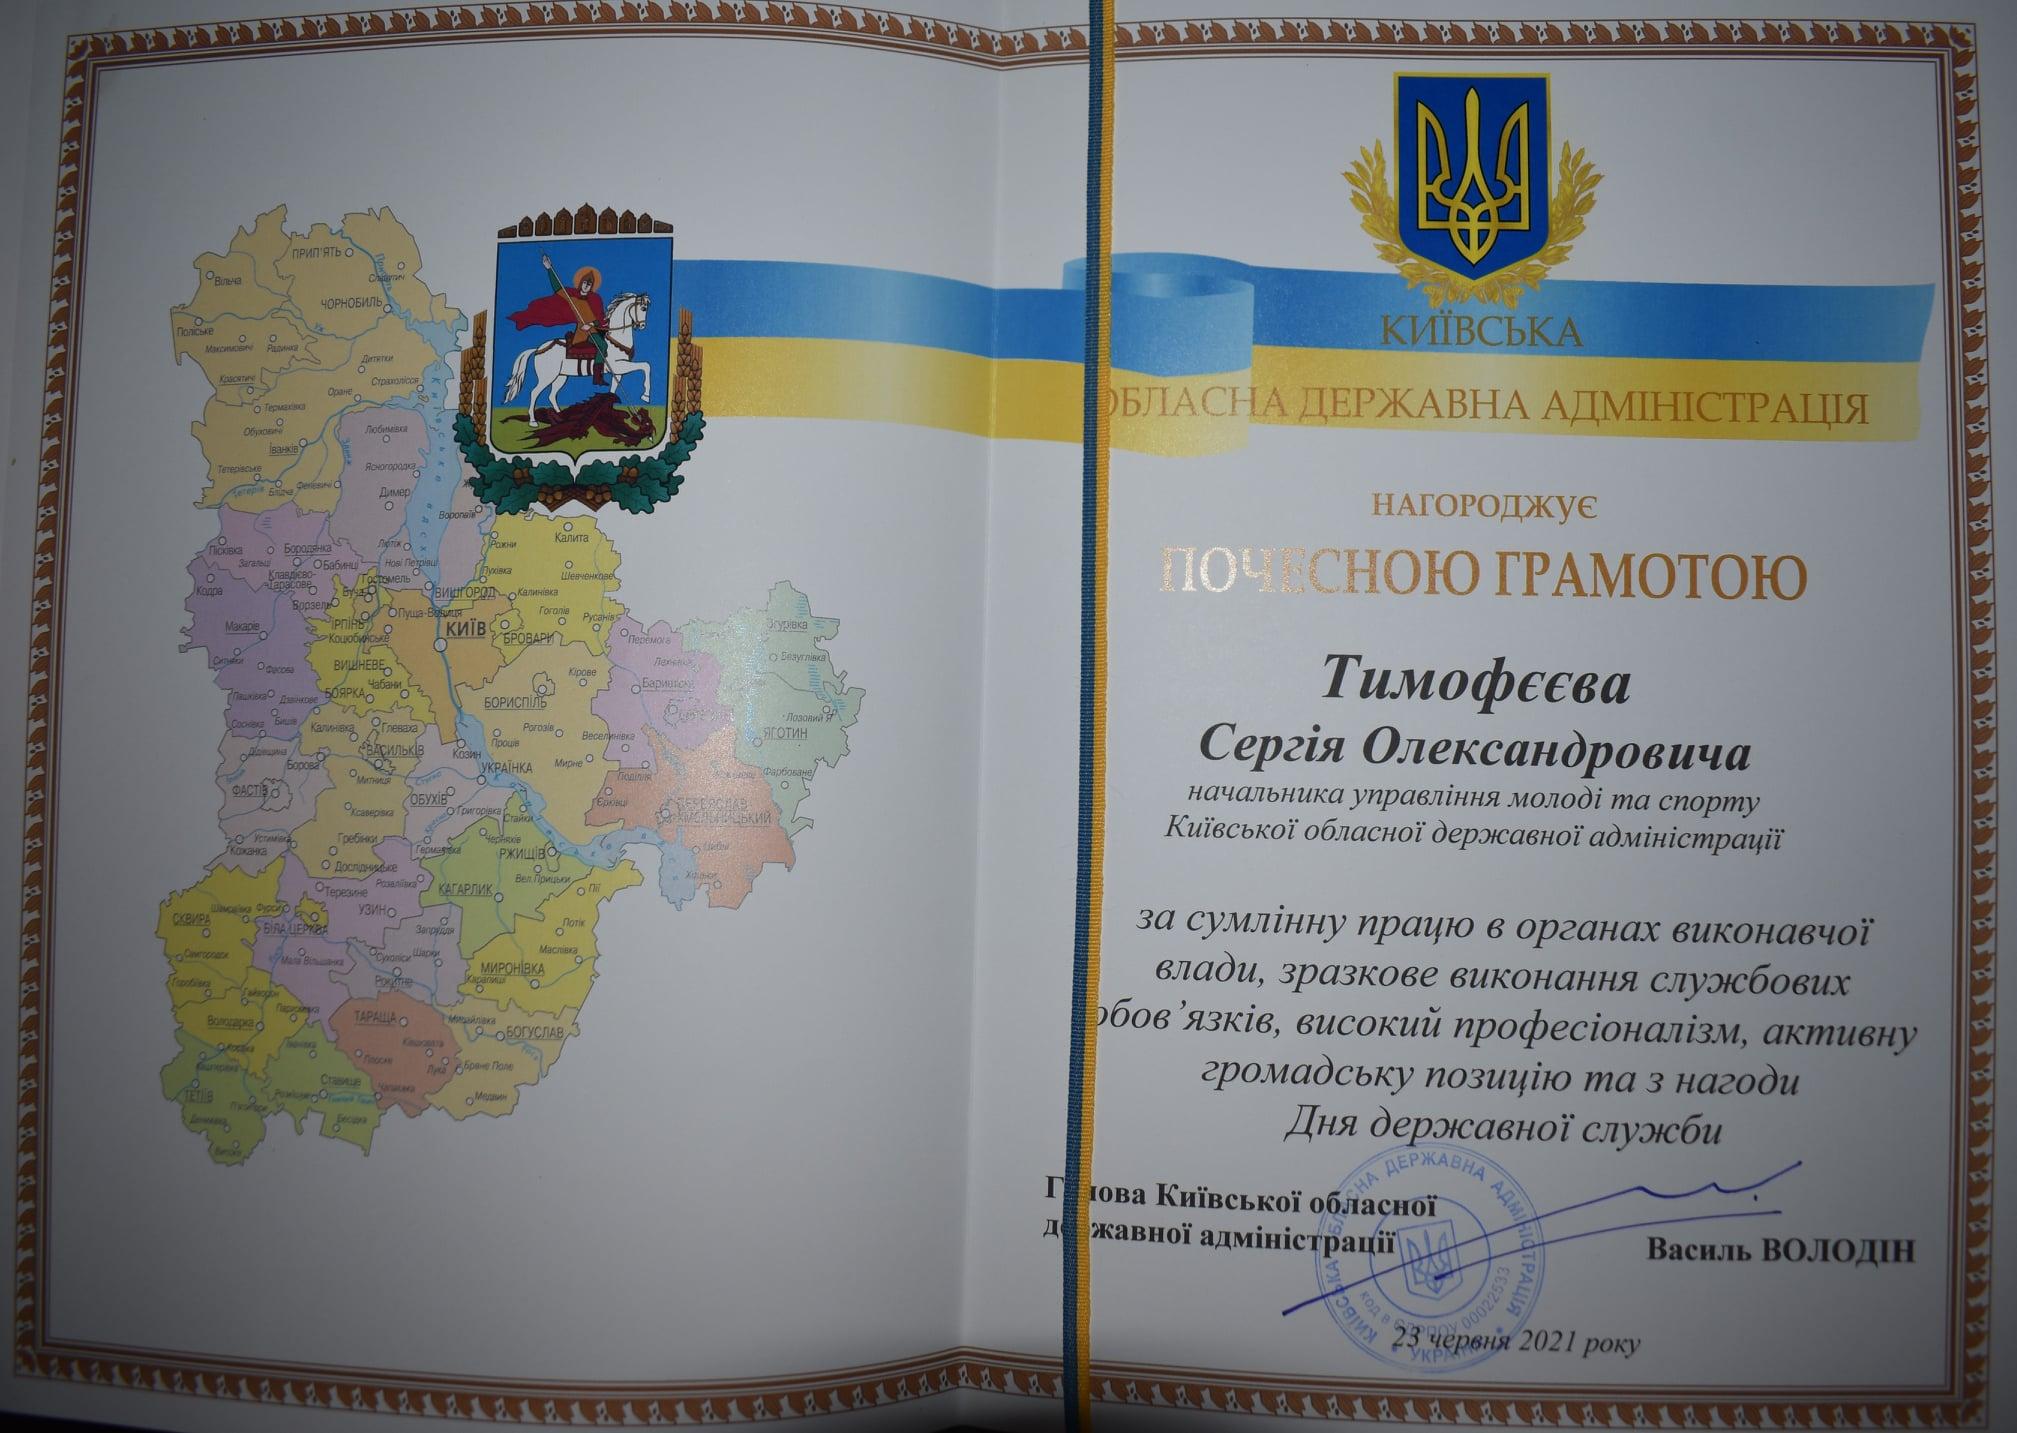 День державної служби України, Київоблдержадміністрація. Фото